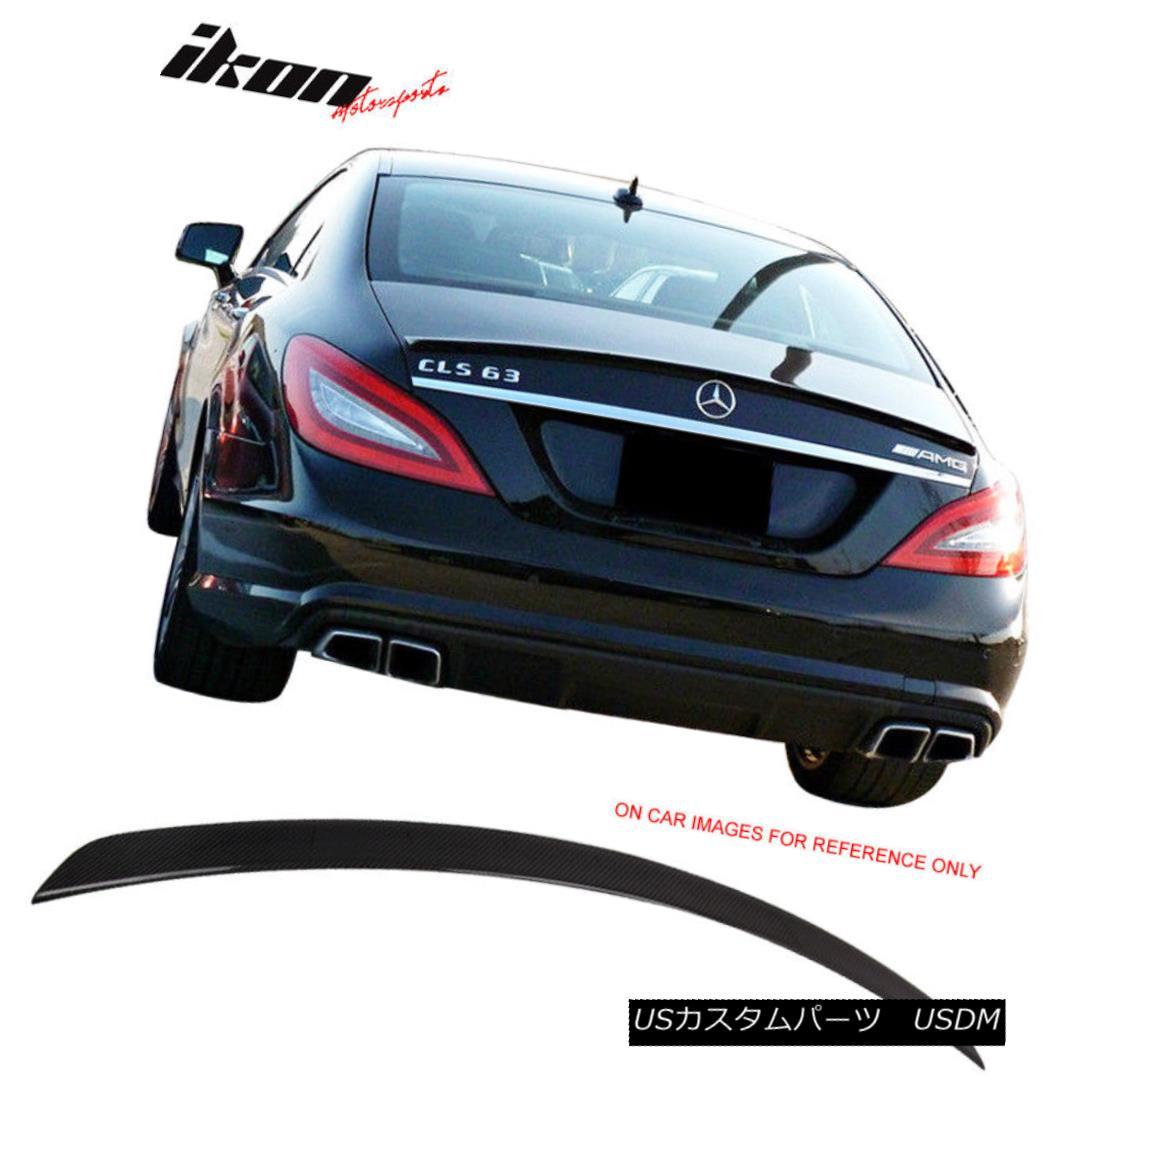 エアロパーツ Fits 11-17 Benz CLS Class W218 Sedan AMG Style Trunk Spoiler - Carbon Fiber (CF) フィット11-17ベンツCLSクラスW218セダンAMGスタイルトランクスポイラー - 炭素繊維(CF)